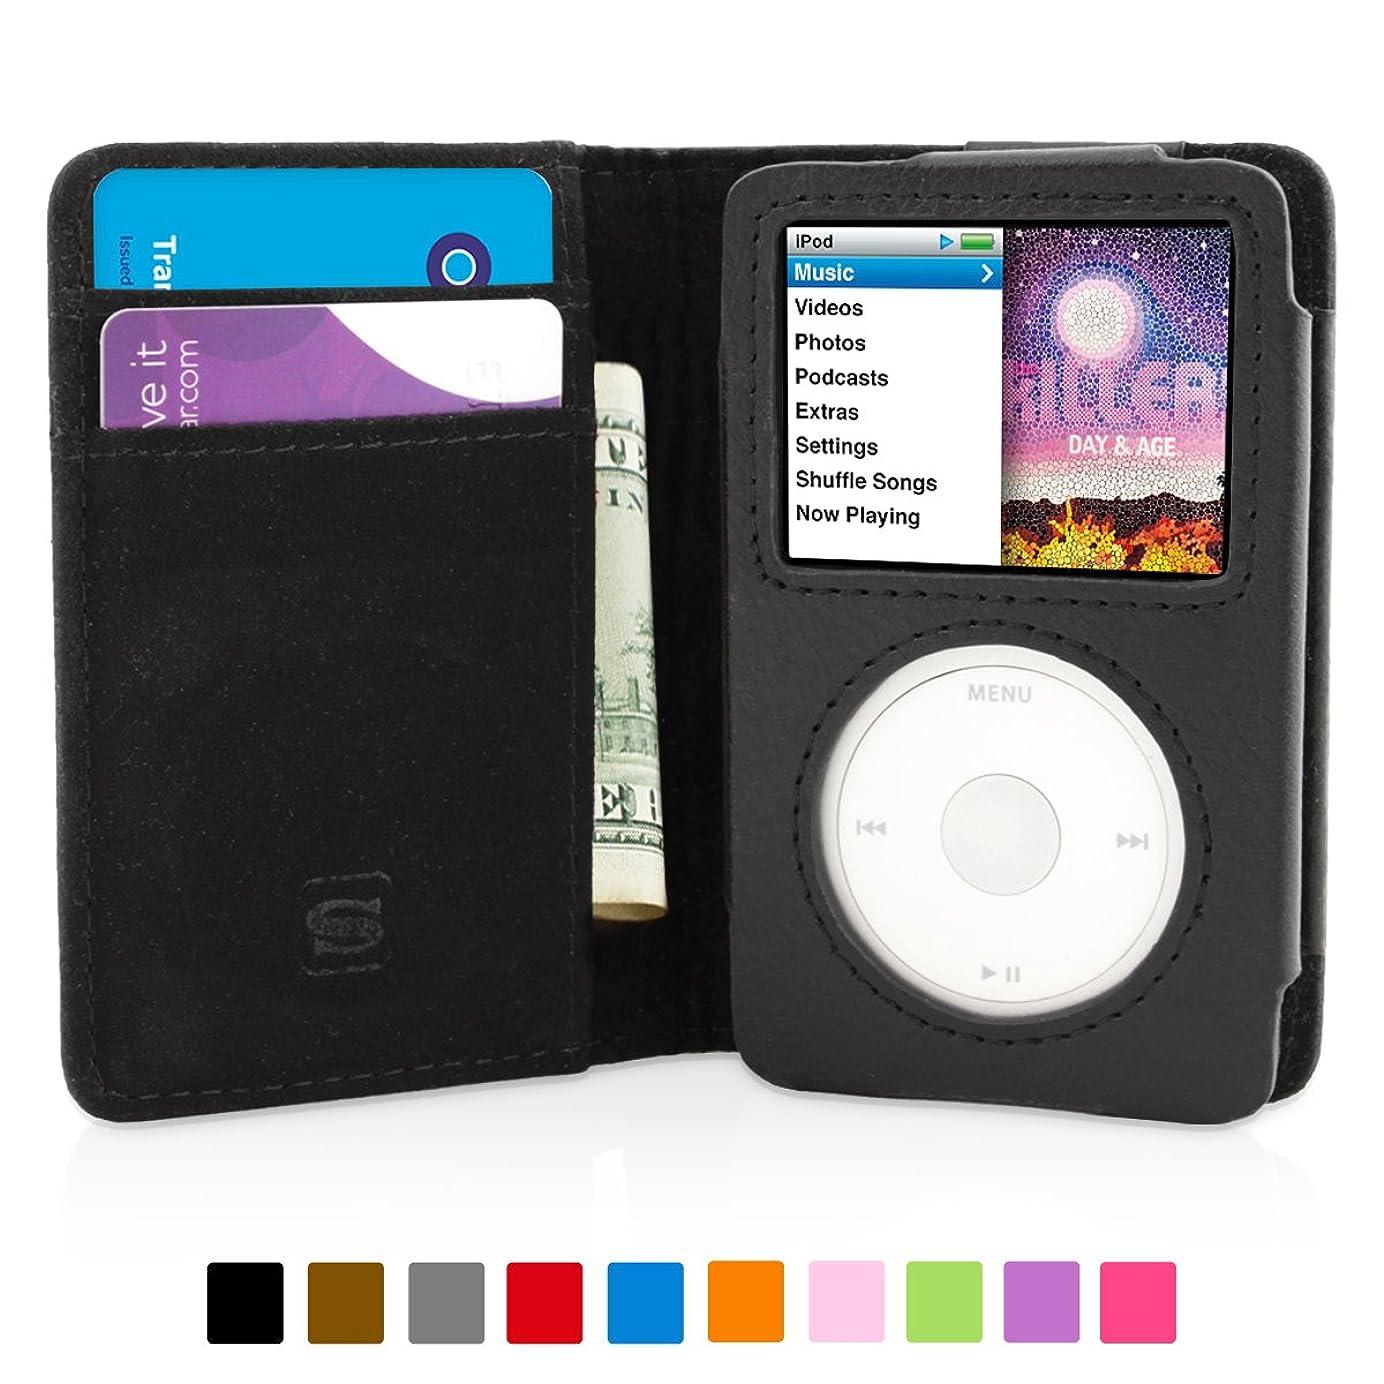 マトリックスリズムピボット英国Snugg社 iPod Classic 用 手帳型 PUレザーケース - 生涯補償付き (ブラック)